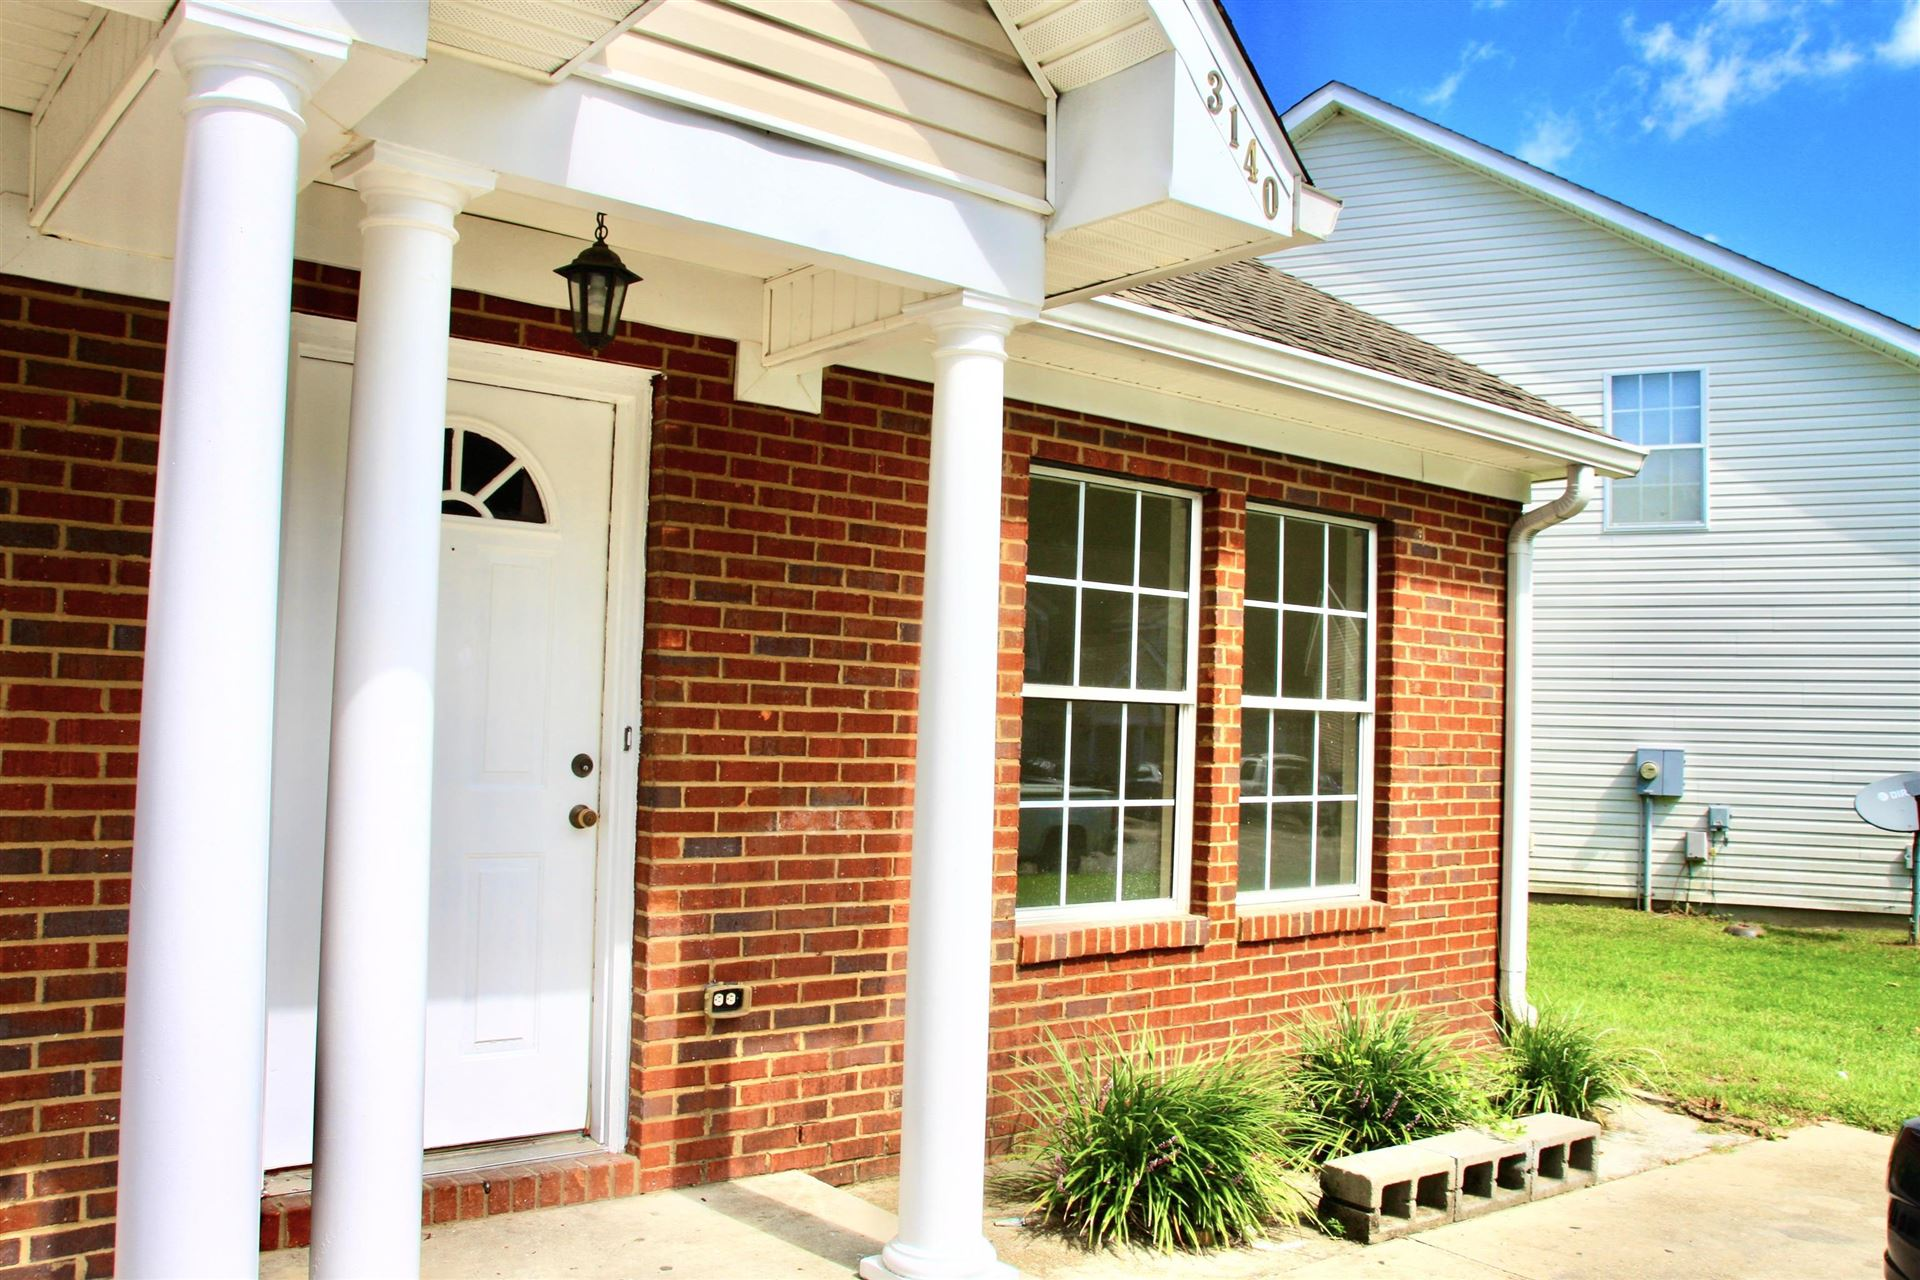 3140 sawtooth Drive, Tallahassee, FL 32303 - MLS#: 337843